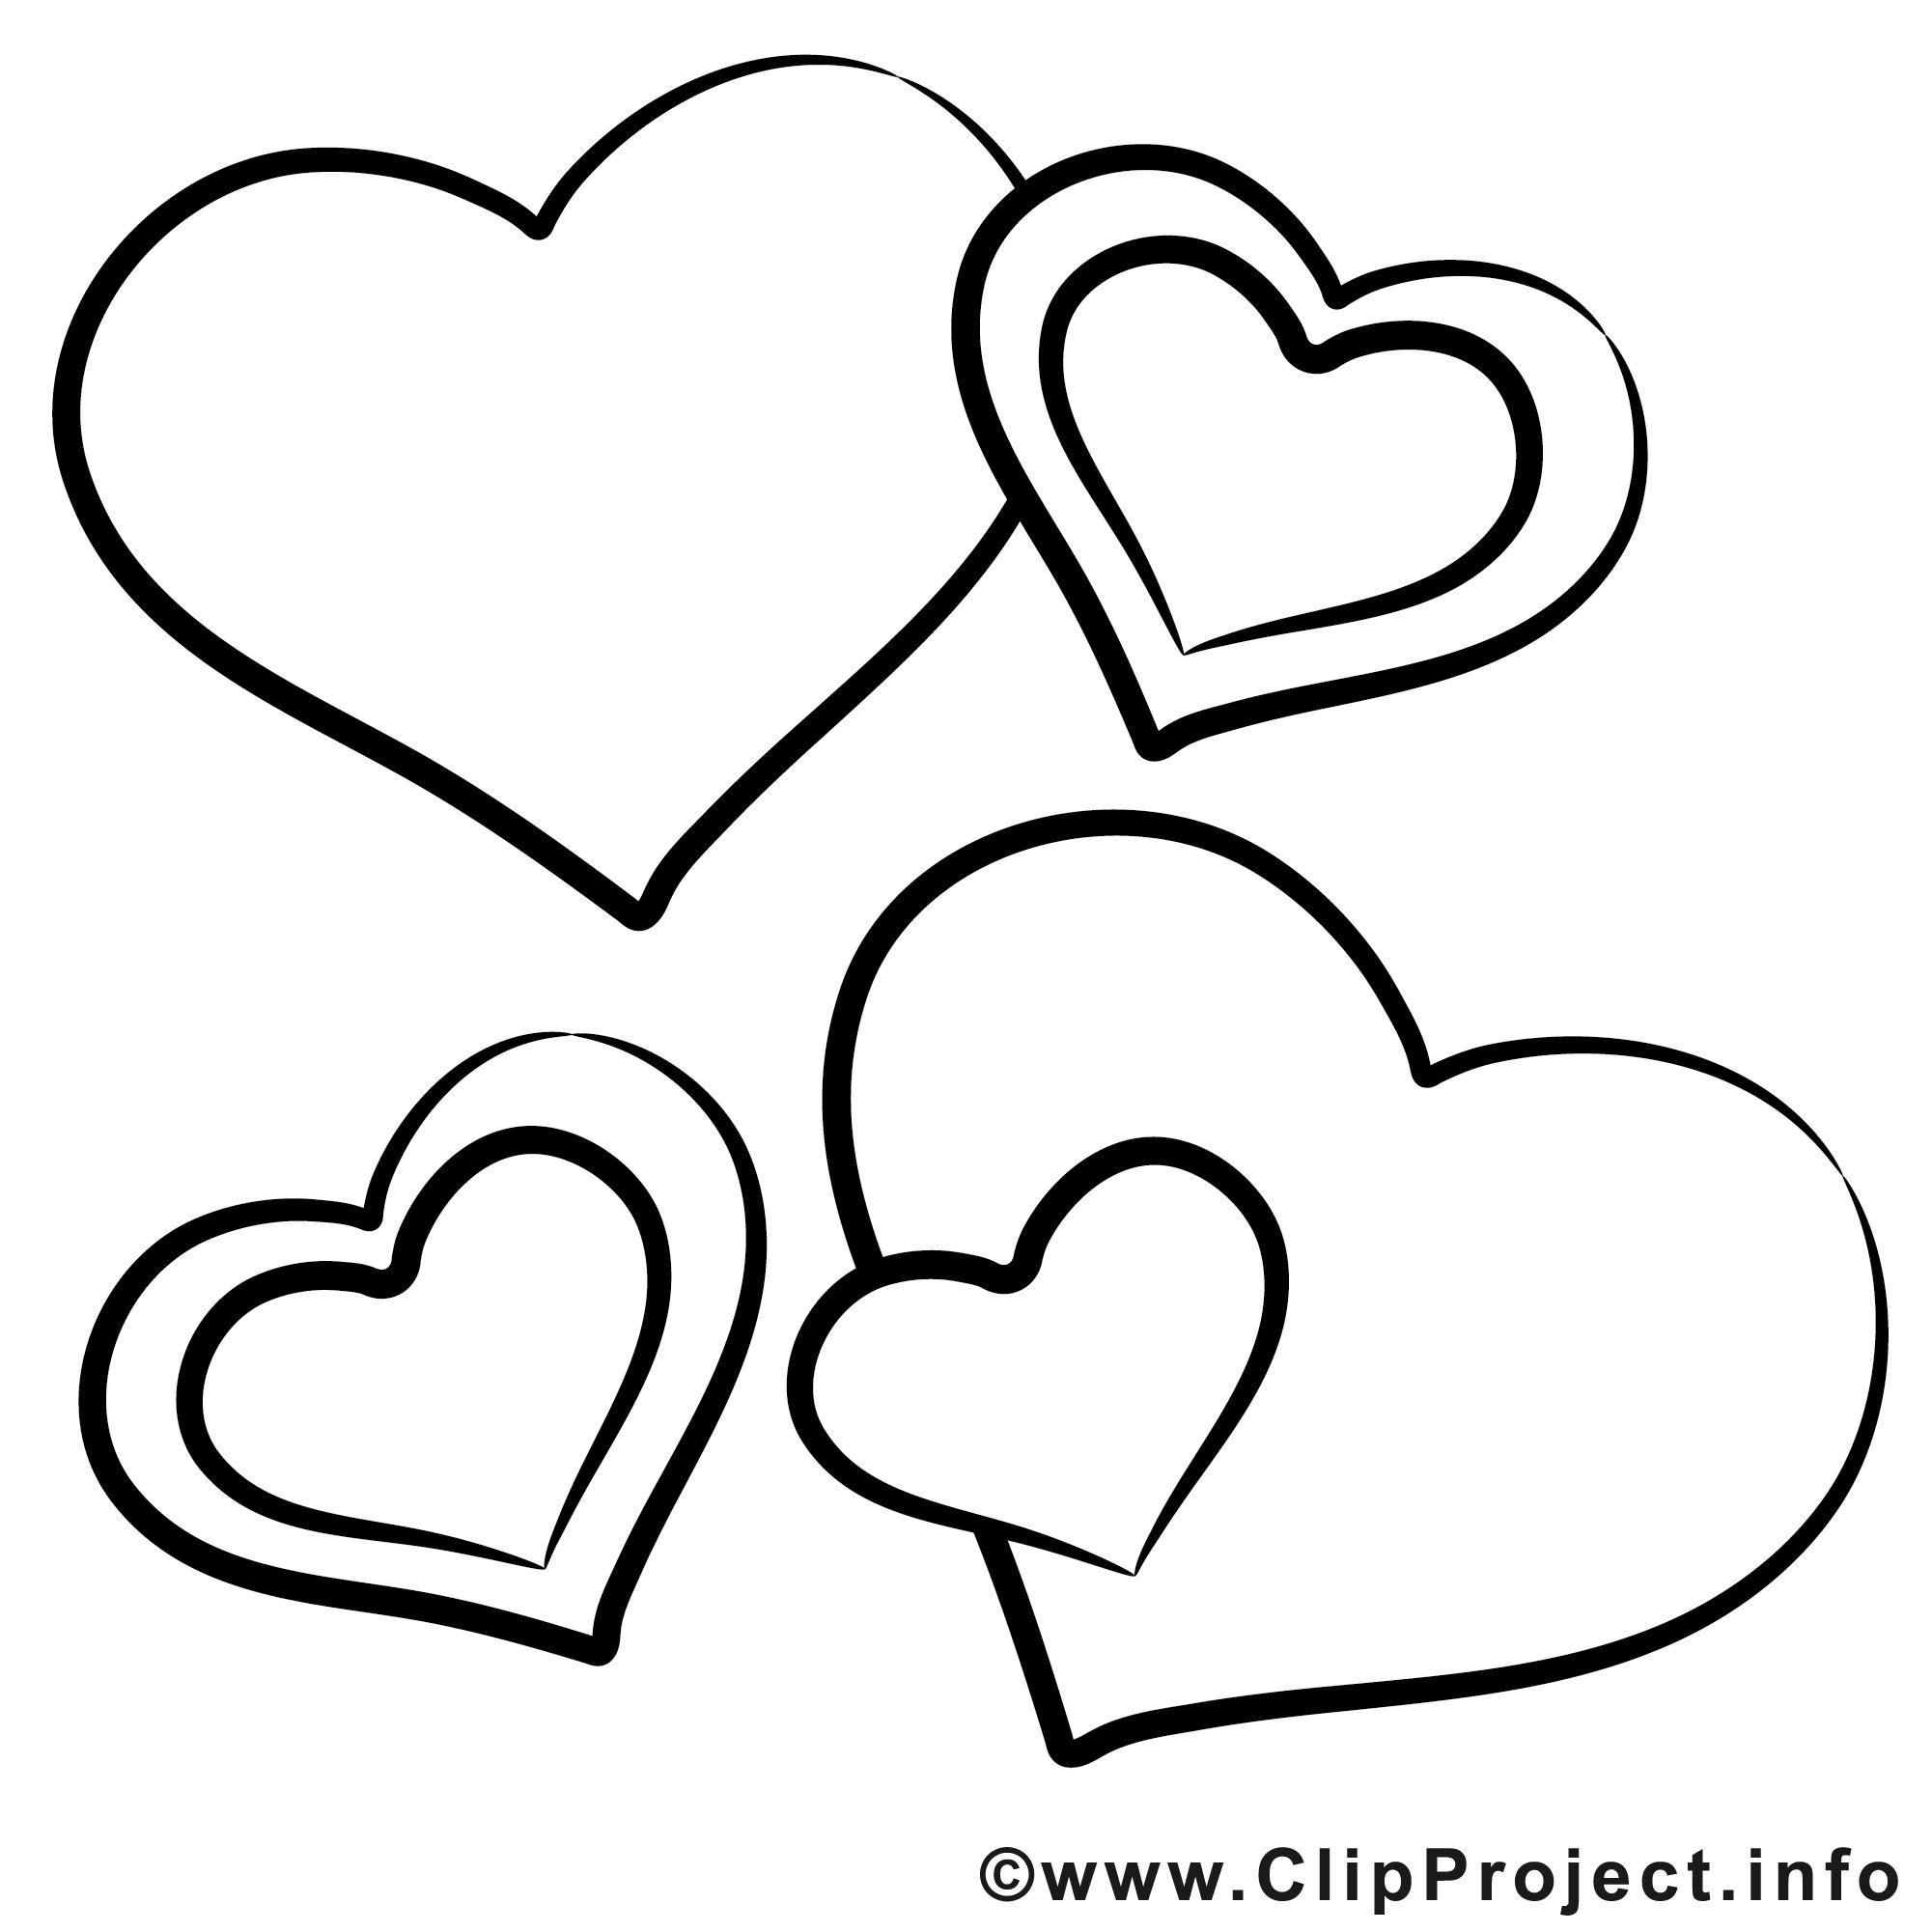 Ausmalbilder Herzen | Chainimage Ganzes Malvorlage Herz über Ausmalbilder Herz Mit Pfeil